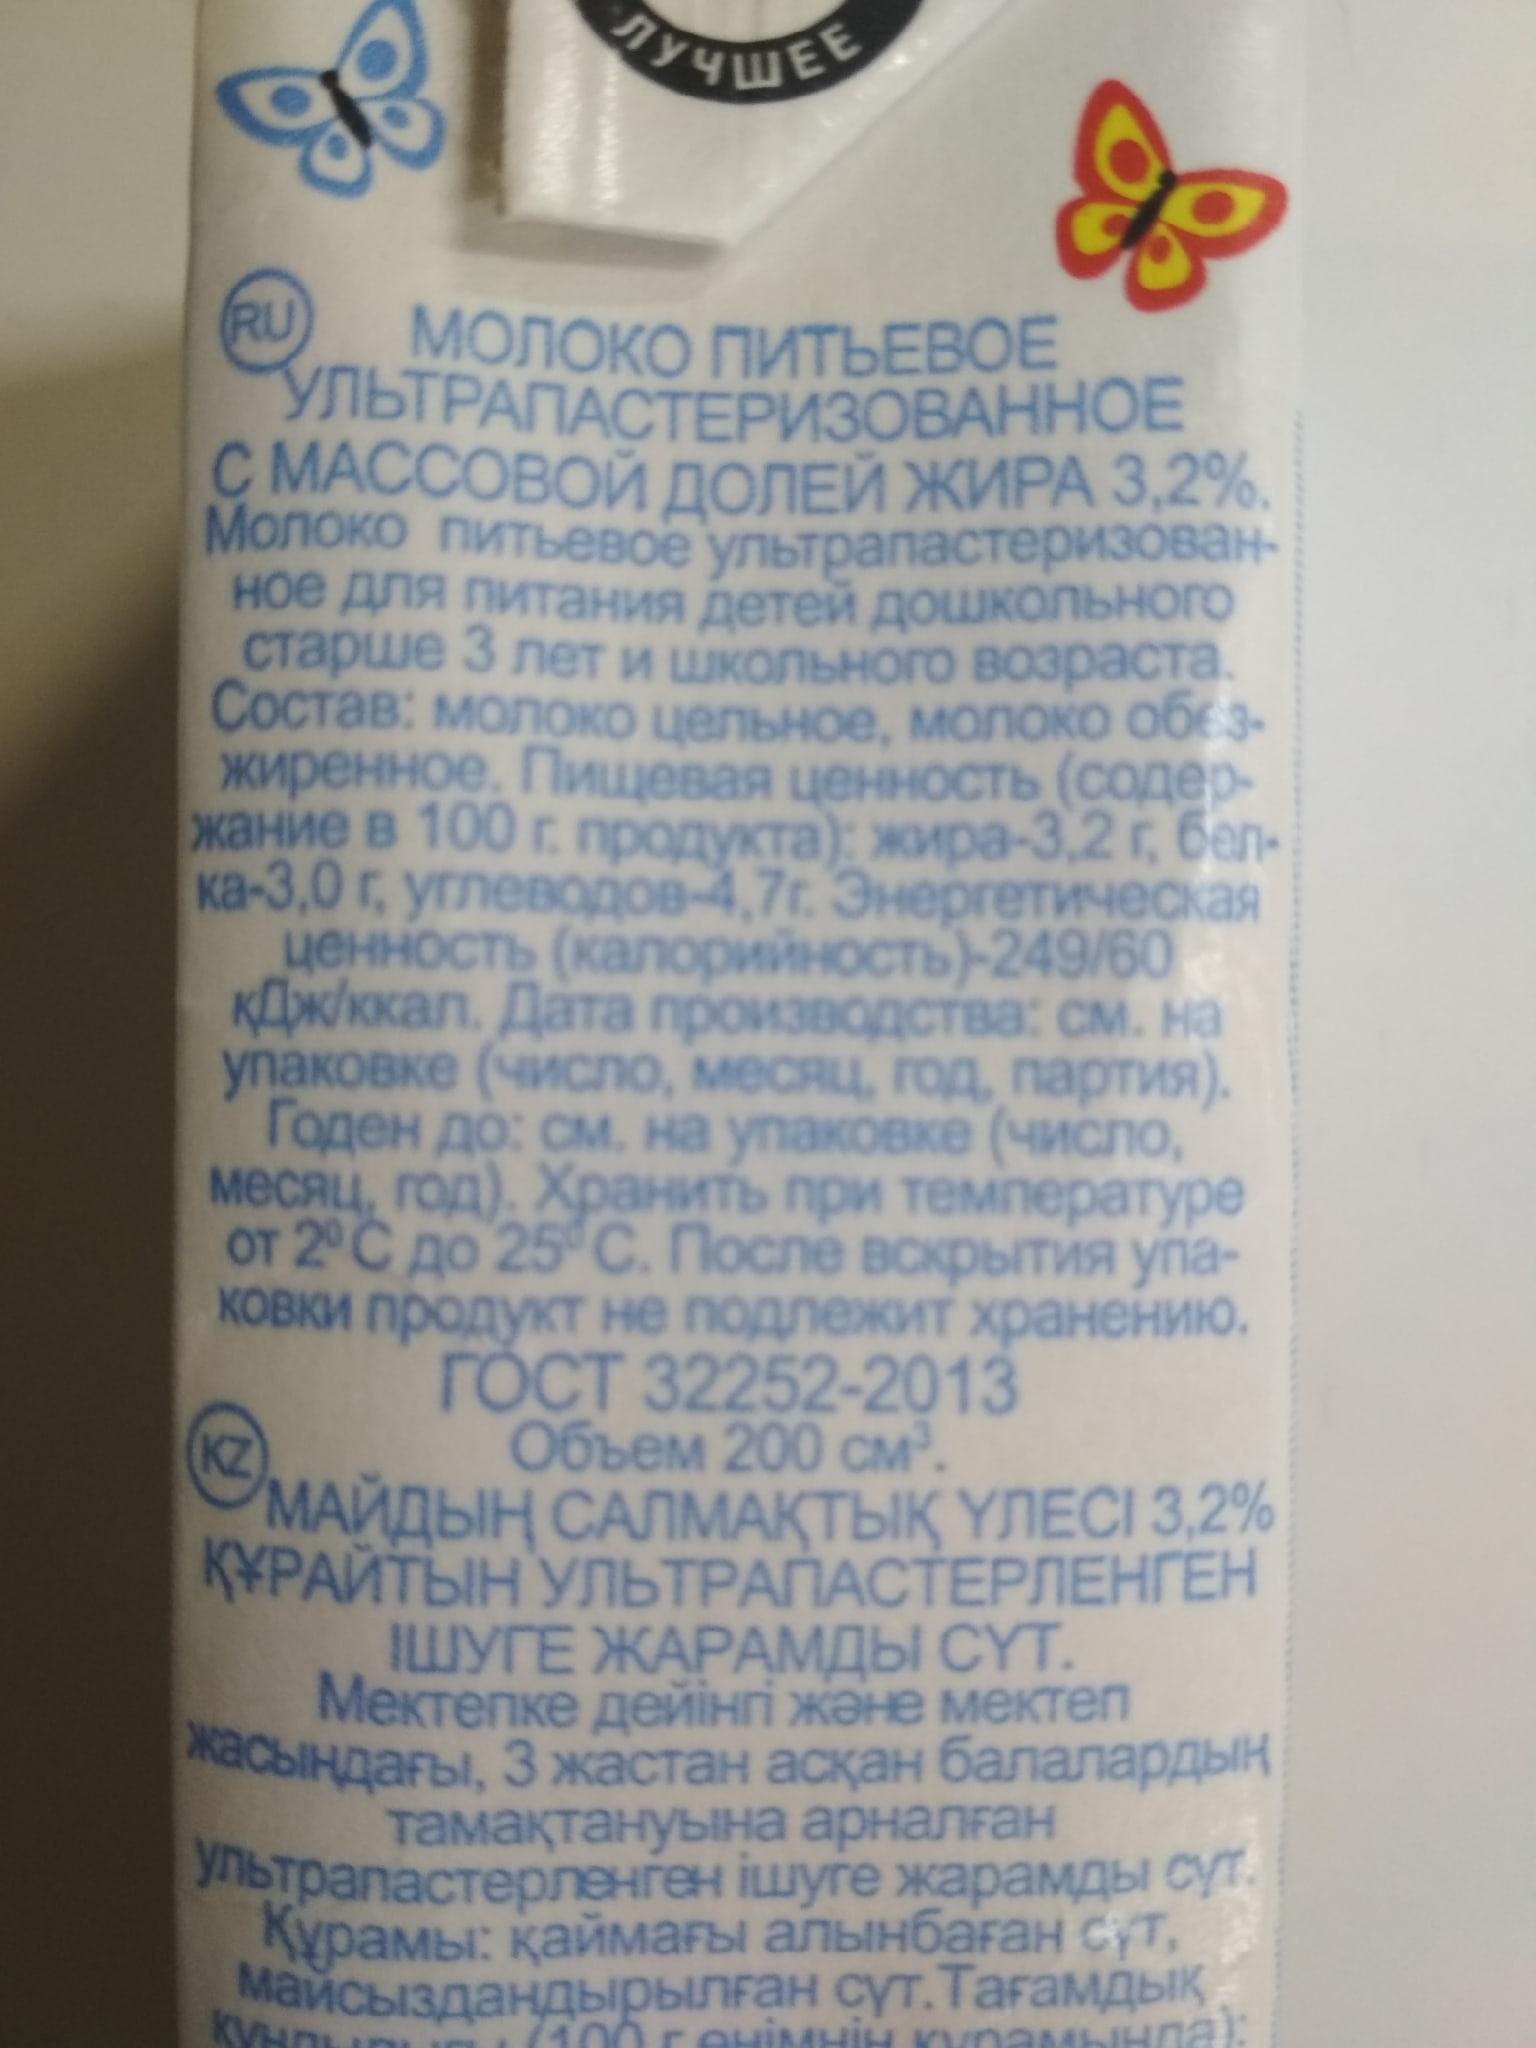 В составе нет ни витаминов, ни йода, а должны бы